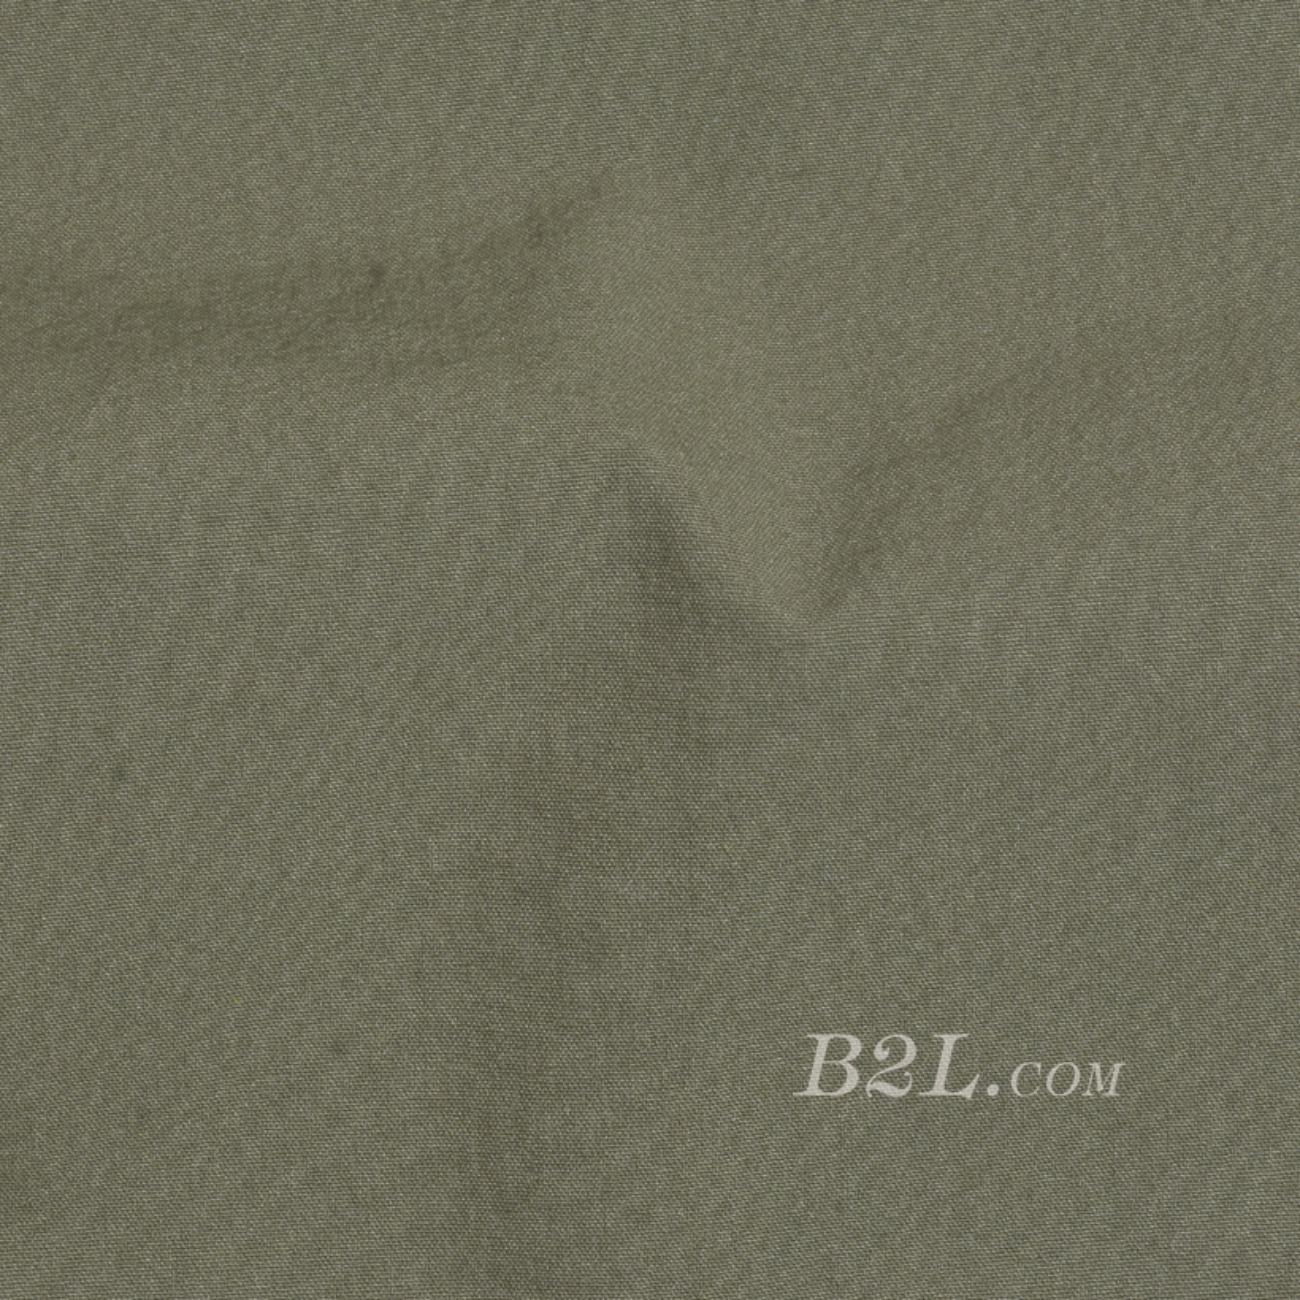 素色 梭织 染色 低弹 单染 薄 春秋 外套 连衣裙 时装 90525-10